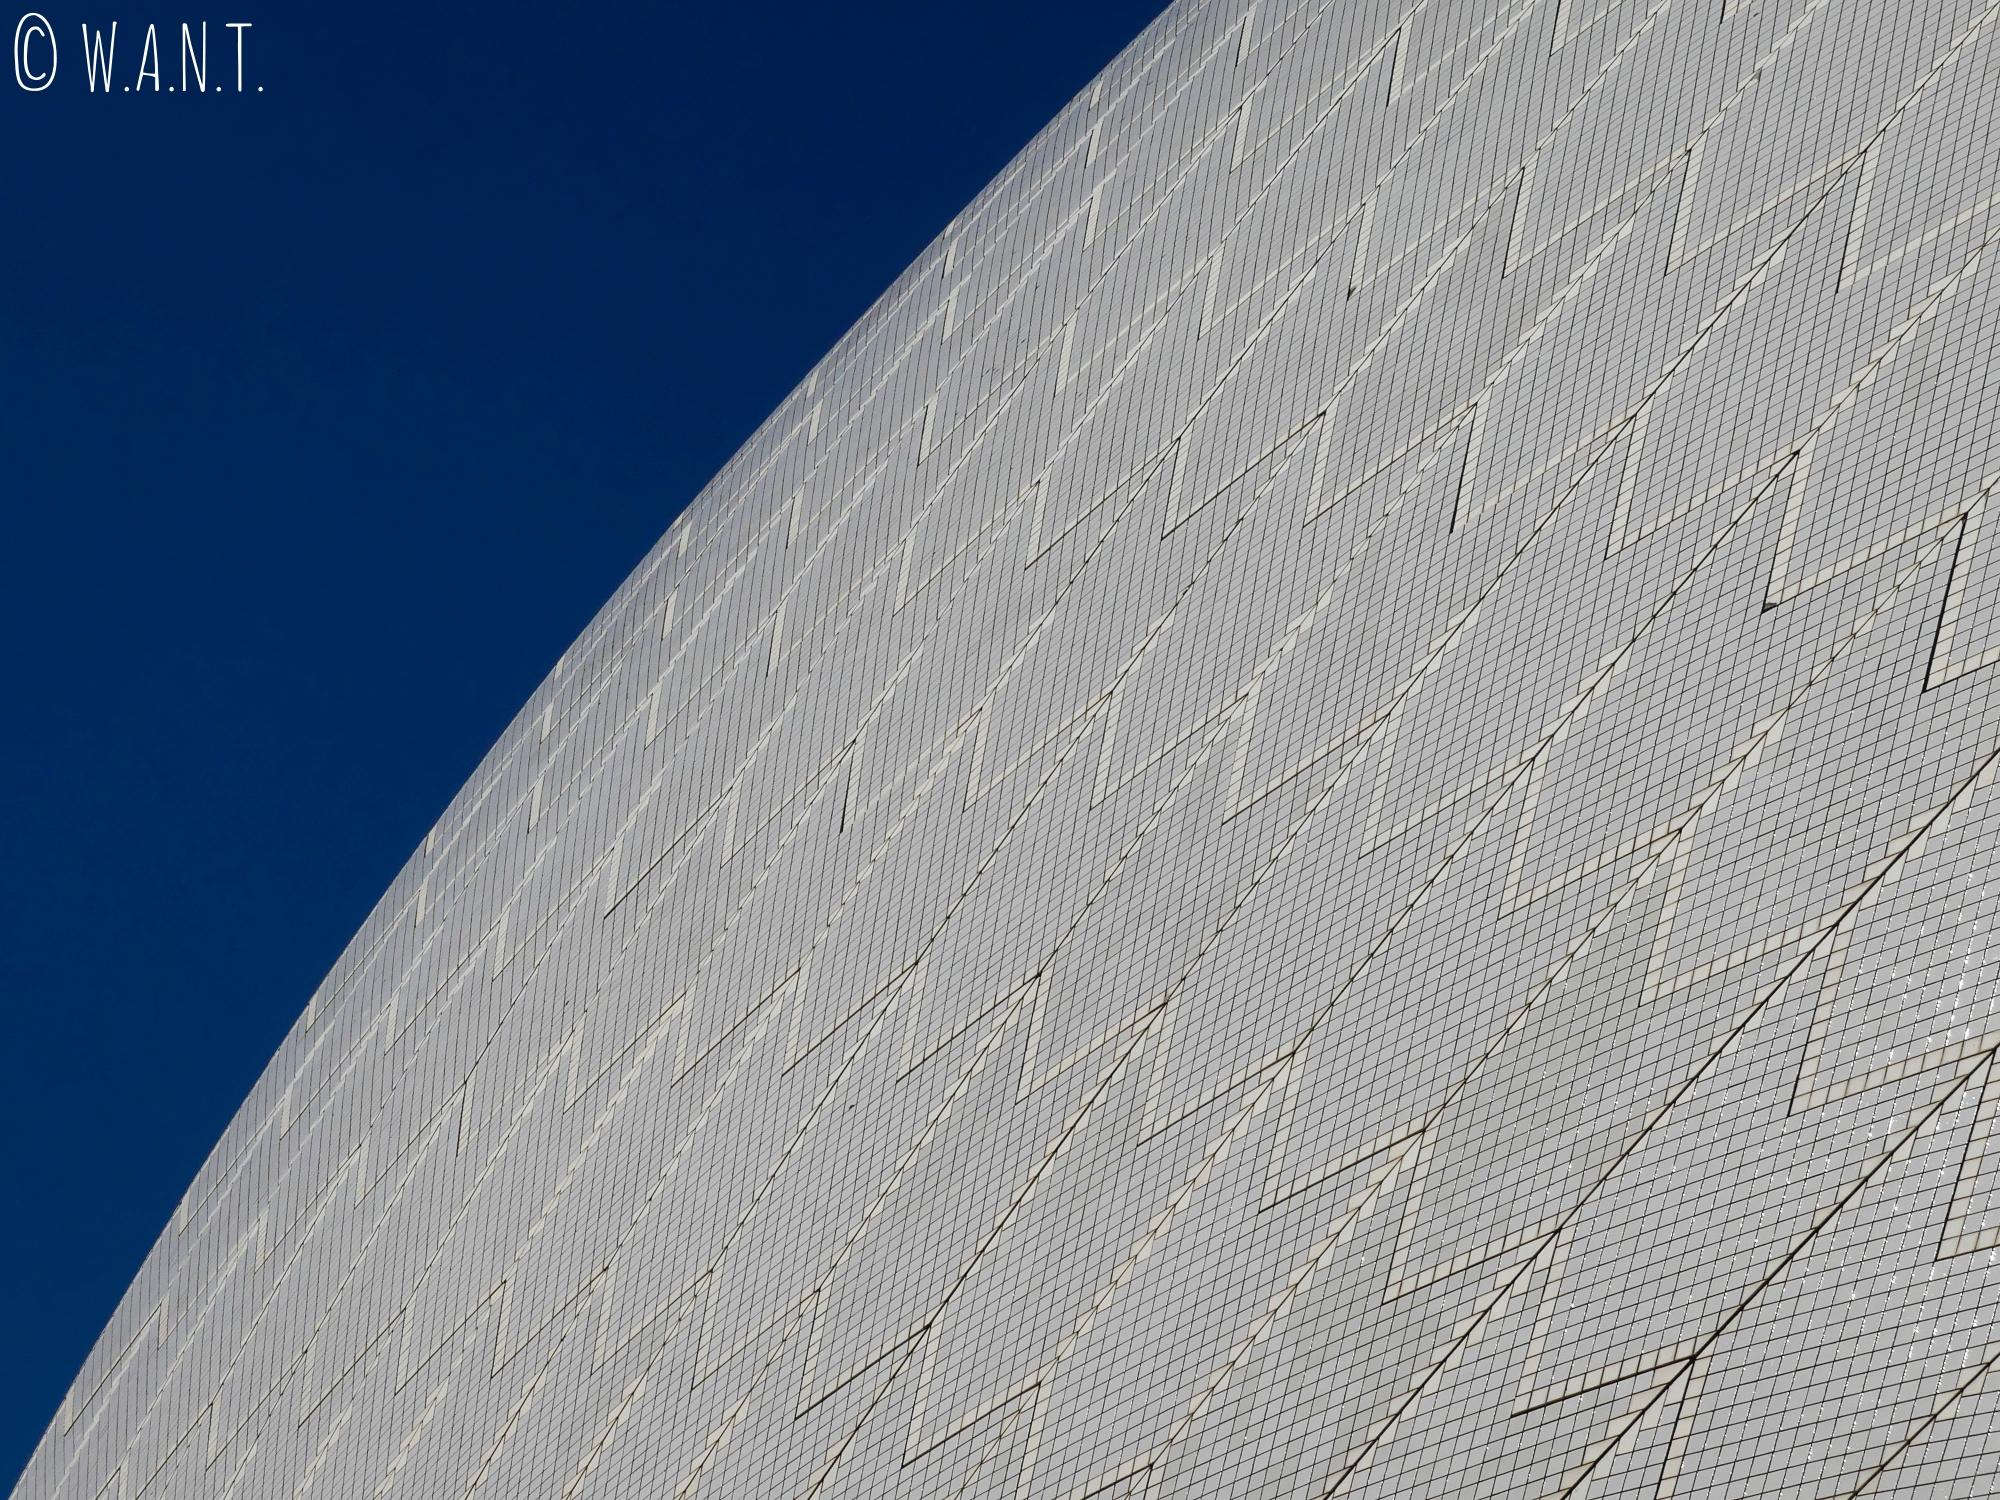 Toiture de l'opéra de Sydney